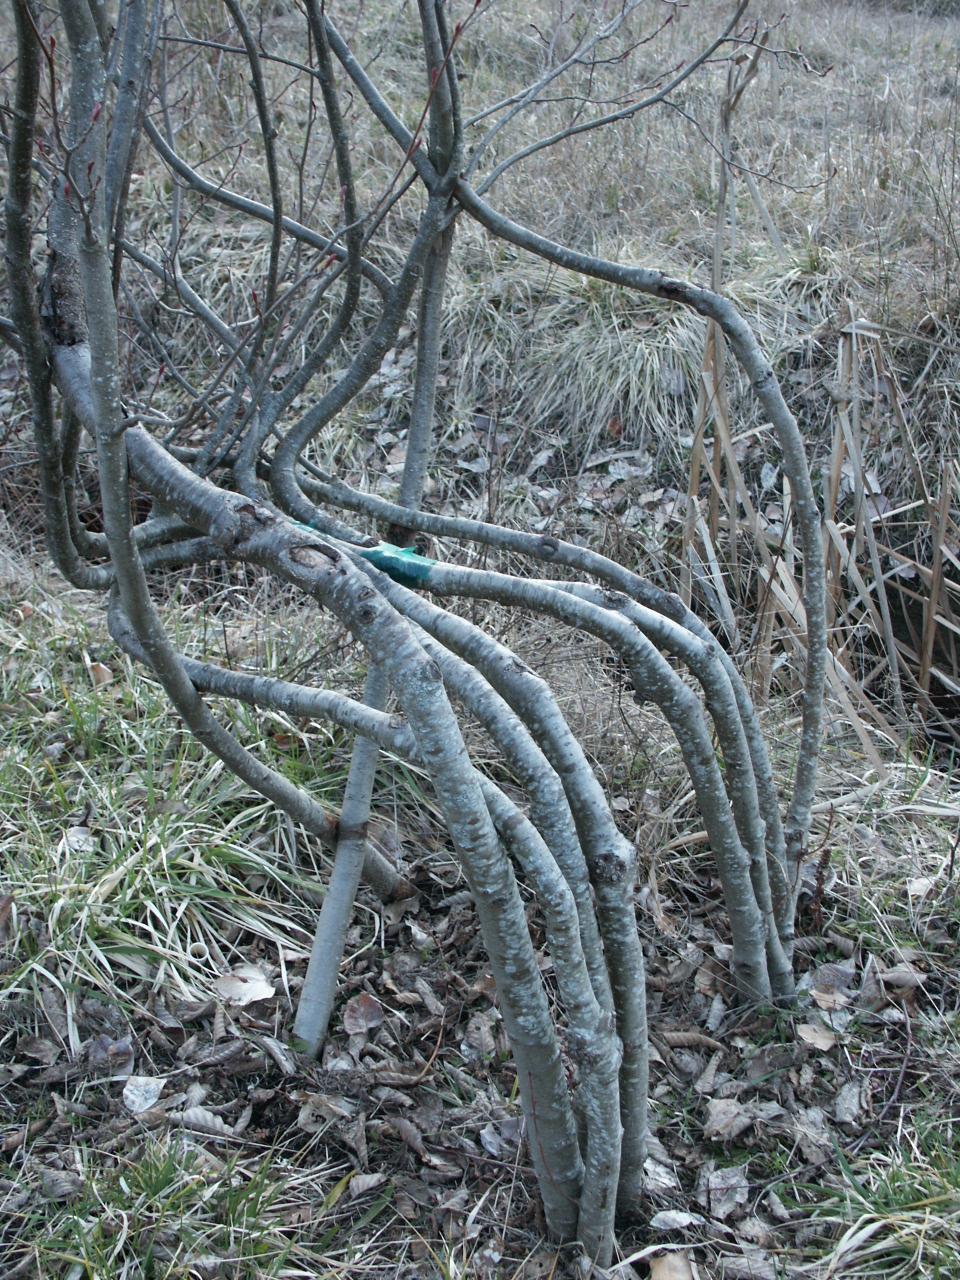 arborsmith trees 2-14-02 013.jpg